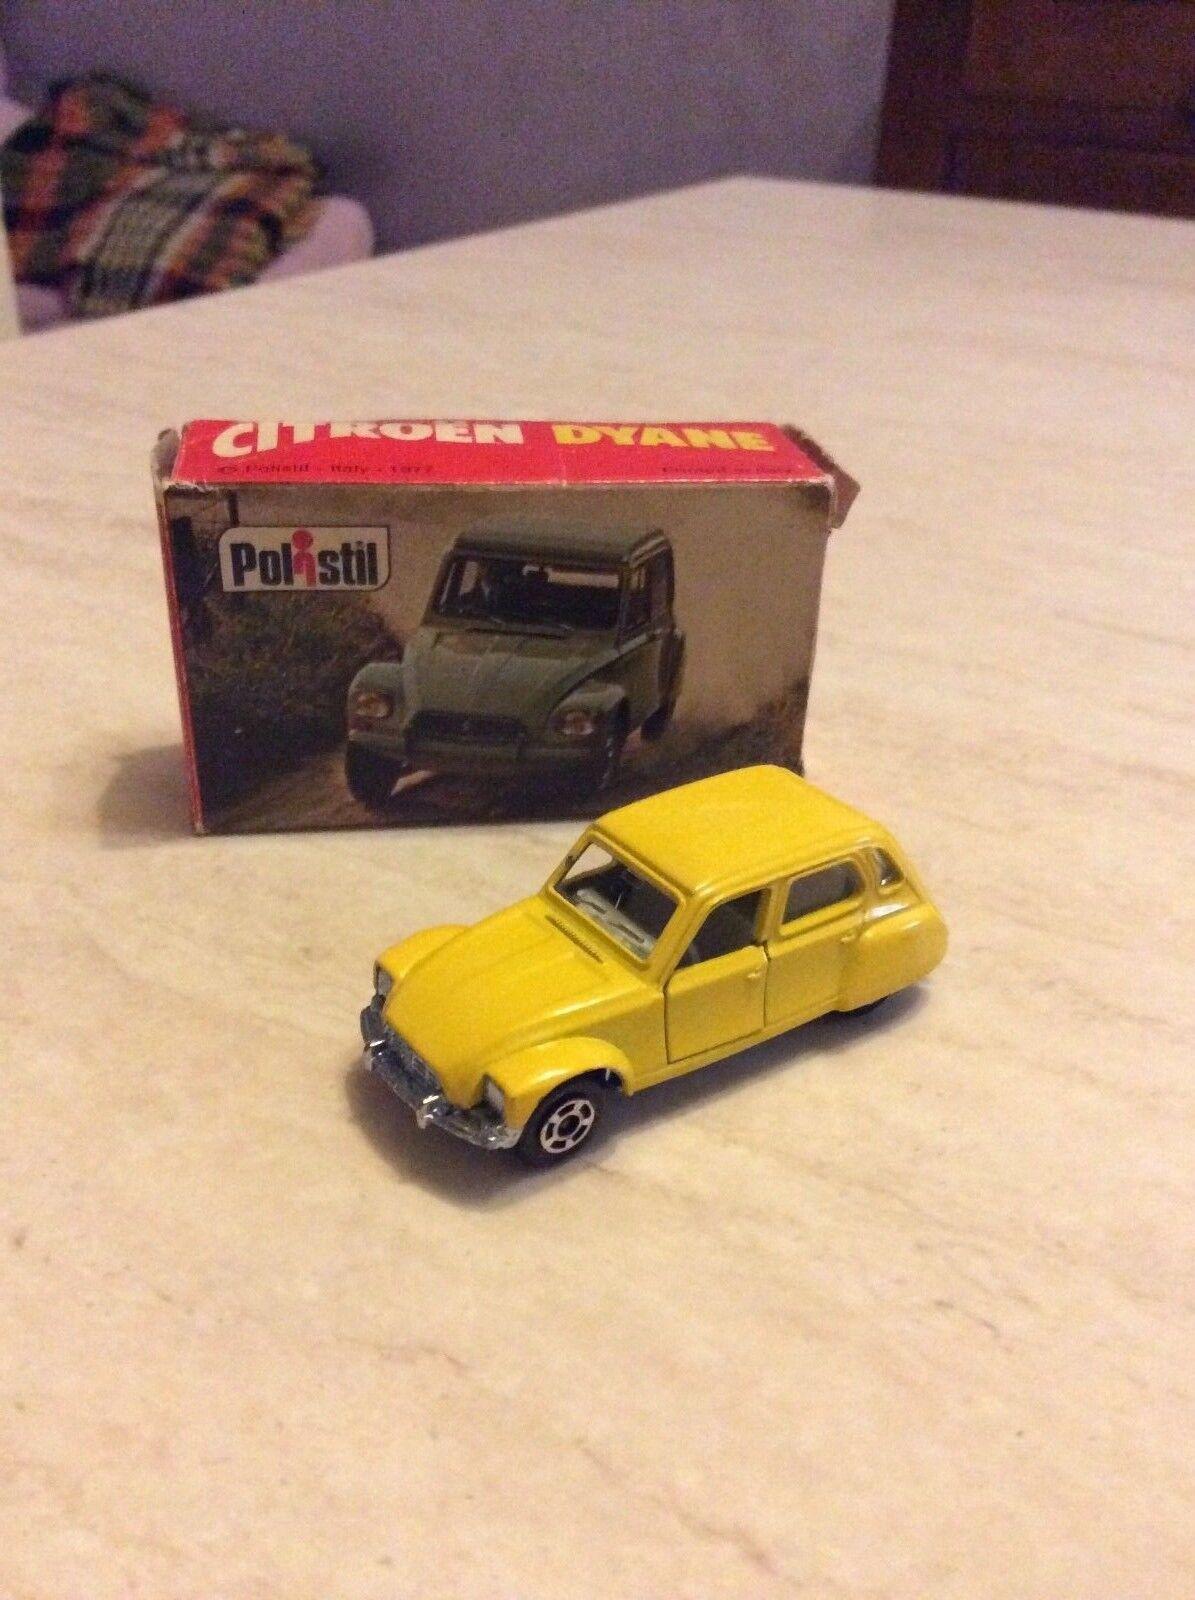 Rarissima citroen dyane rj 41 polistil anni 70 1 66 nuova in box da collezione